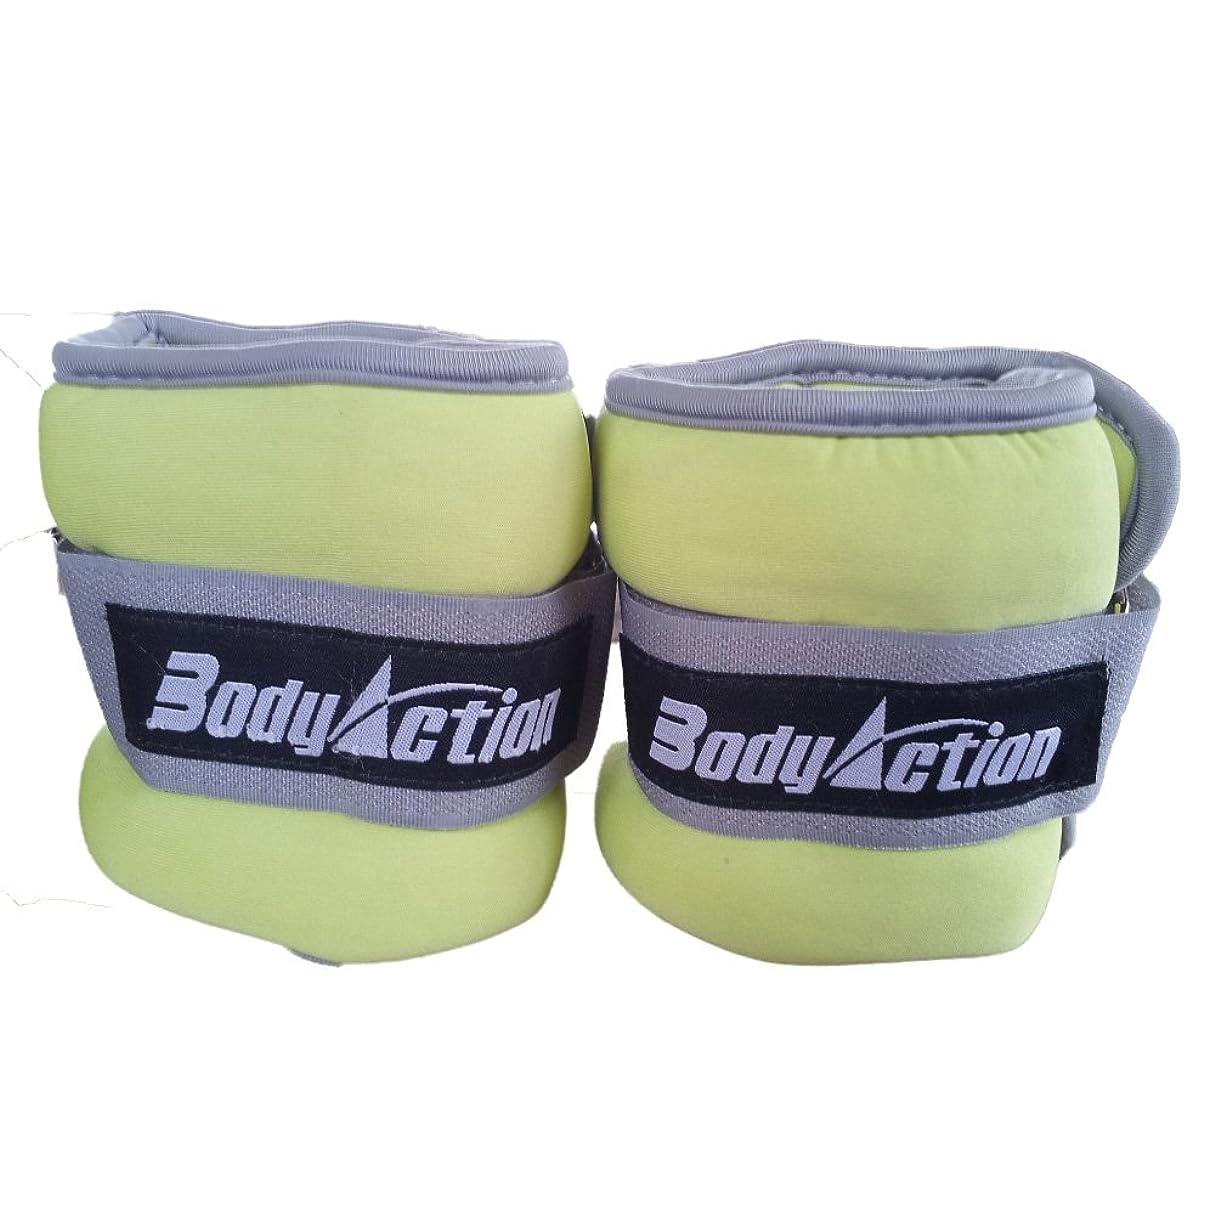 額許容レガシーリスト&アンクルウエイト 1.5kg BODY ACTION(ボディアクション)